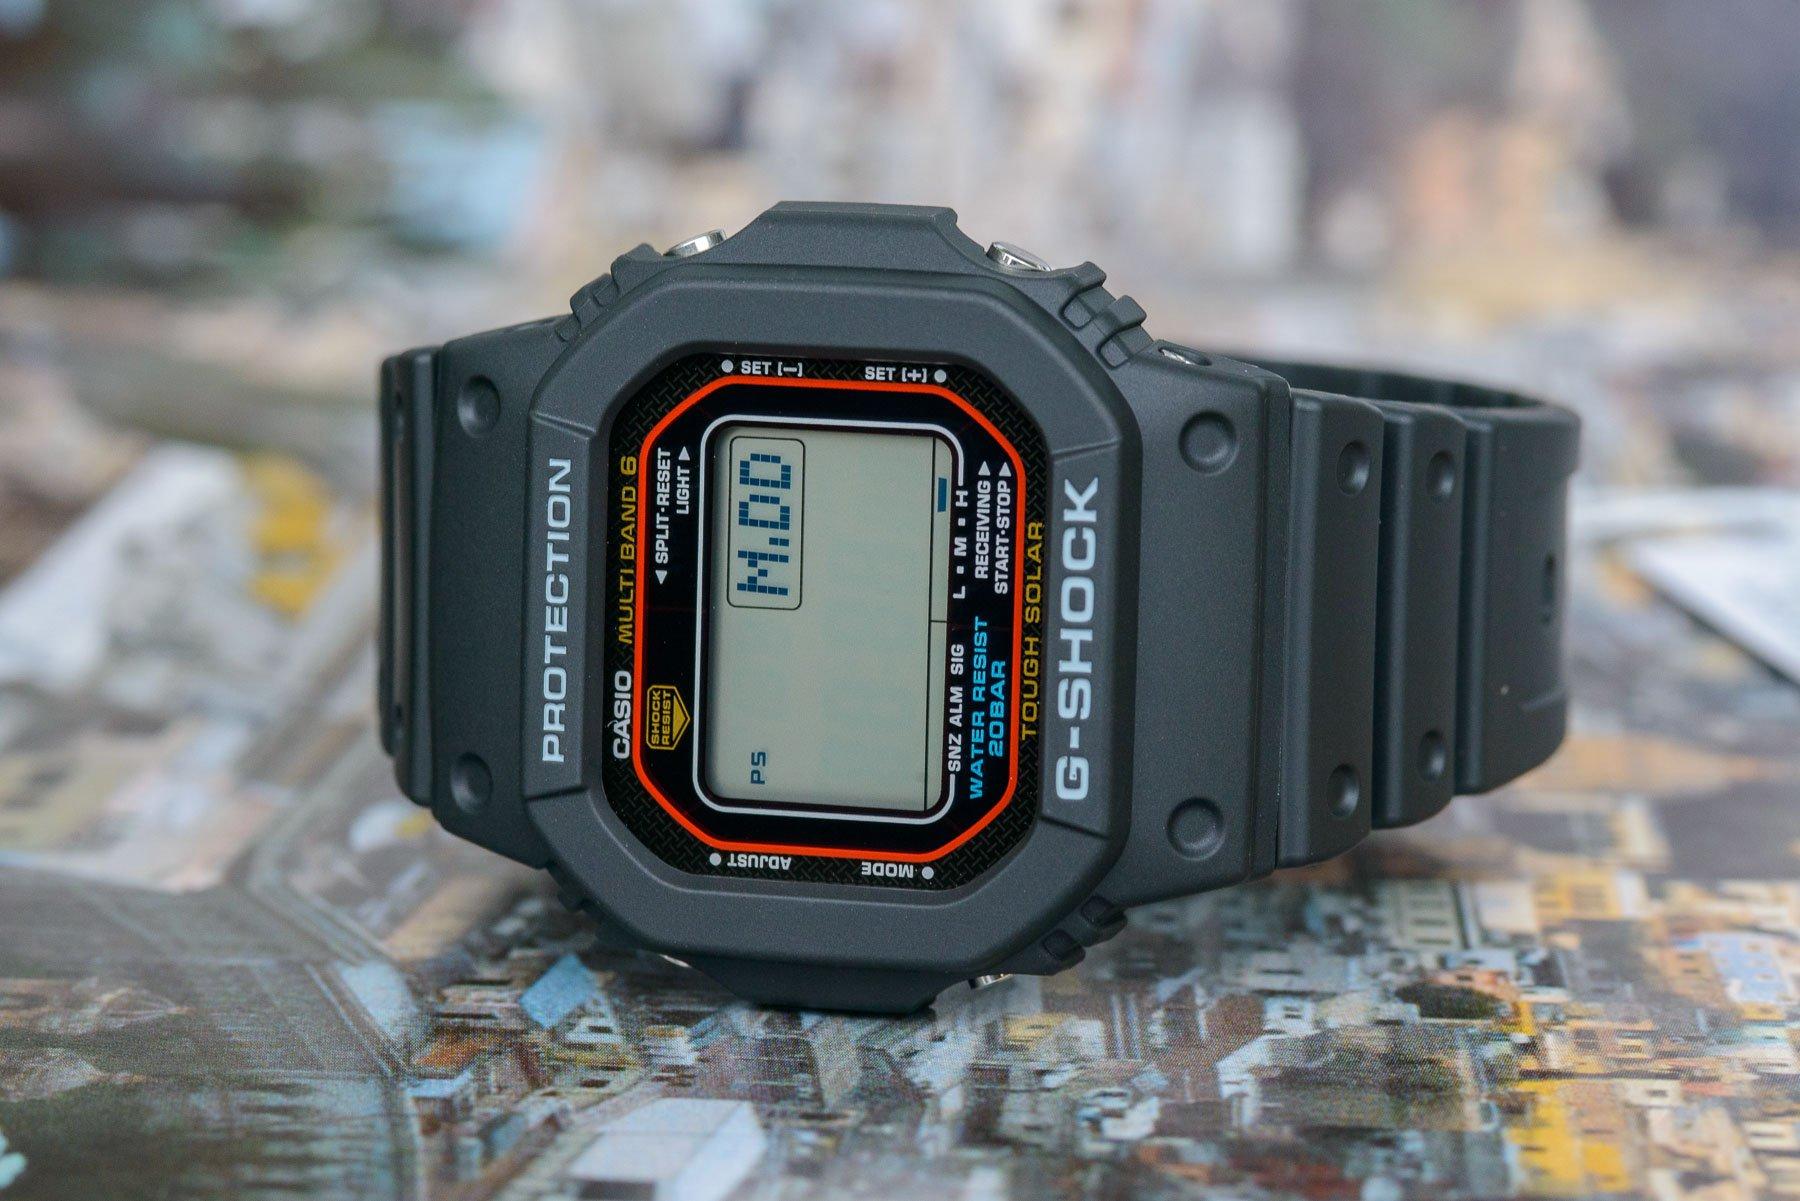 gshock gwm5610u 6901 - Đánh giá đồng hồ G-Shock Square GW-M5610U